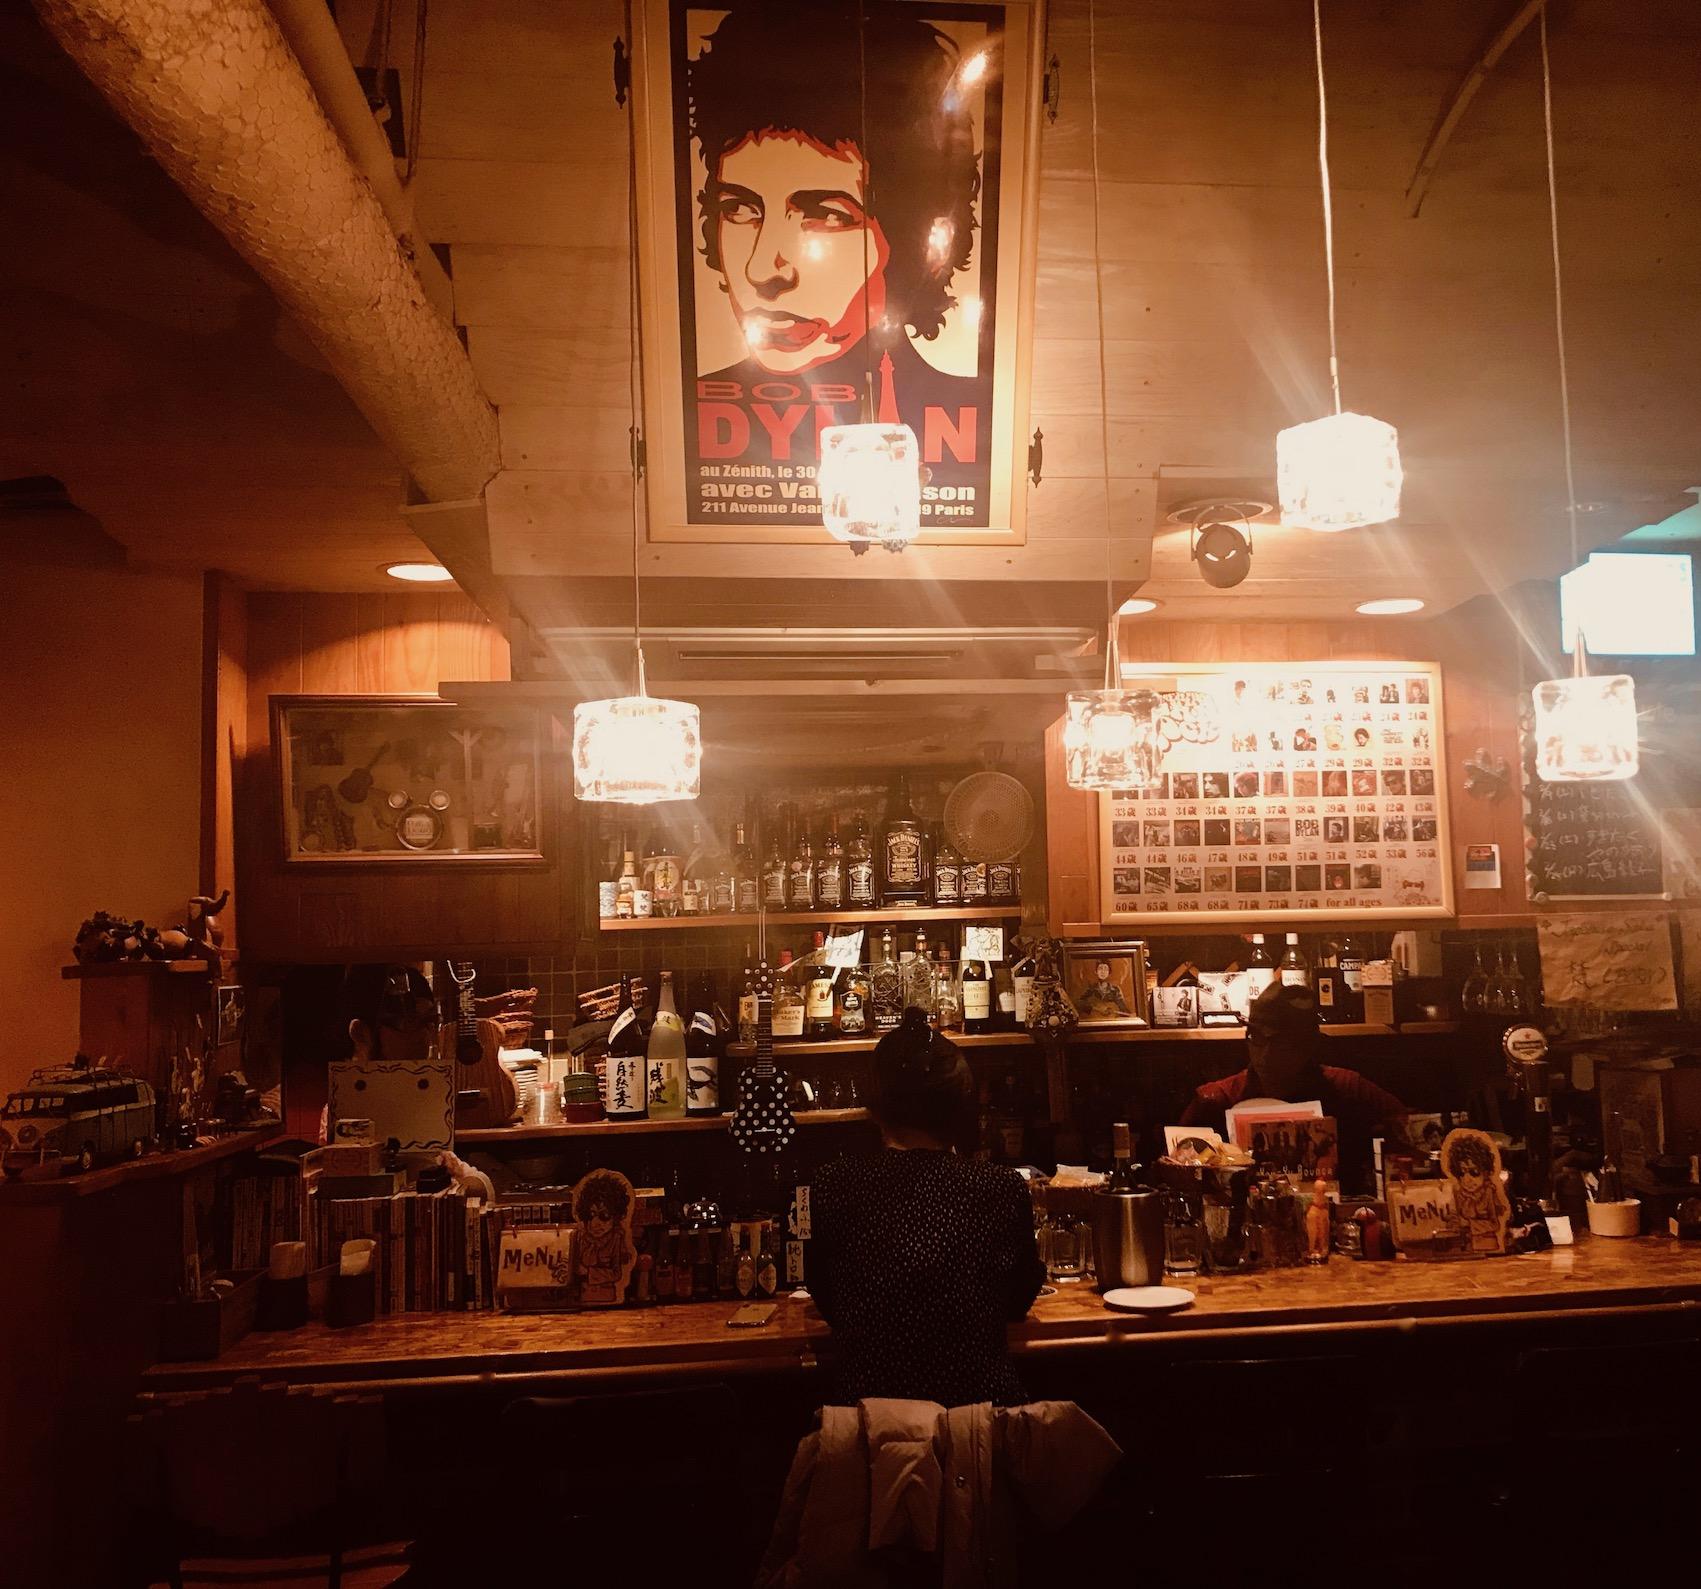 Polka Dots Bob Dylan themed bar Tokyo